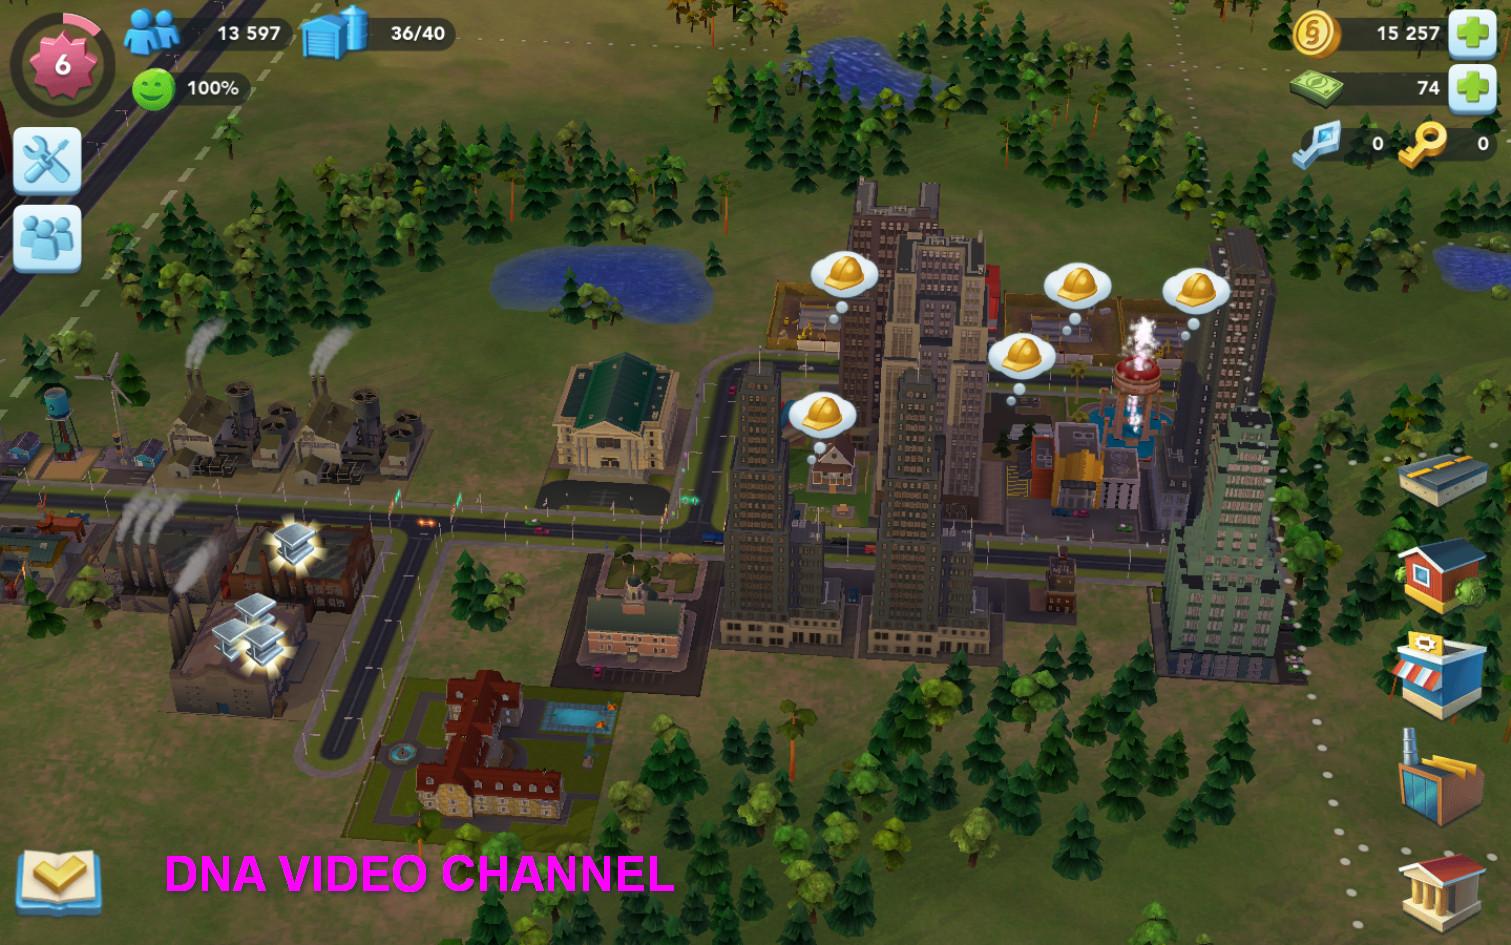 Giochi gratuiti offline per Android - SimCity Buildit città